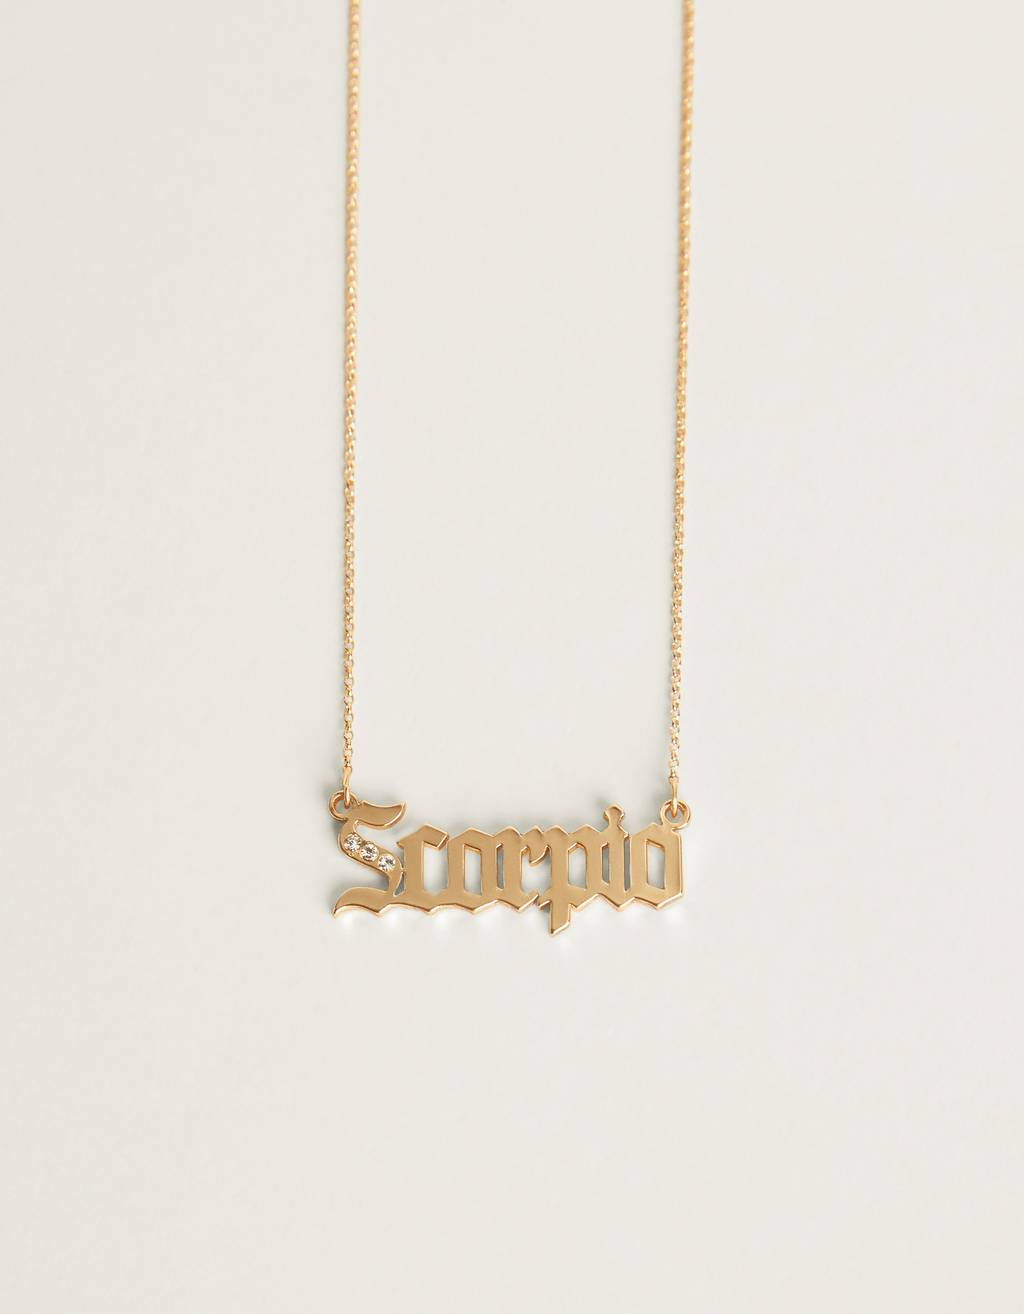 Scorpio zodiac necklace